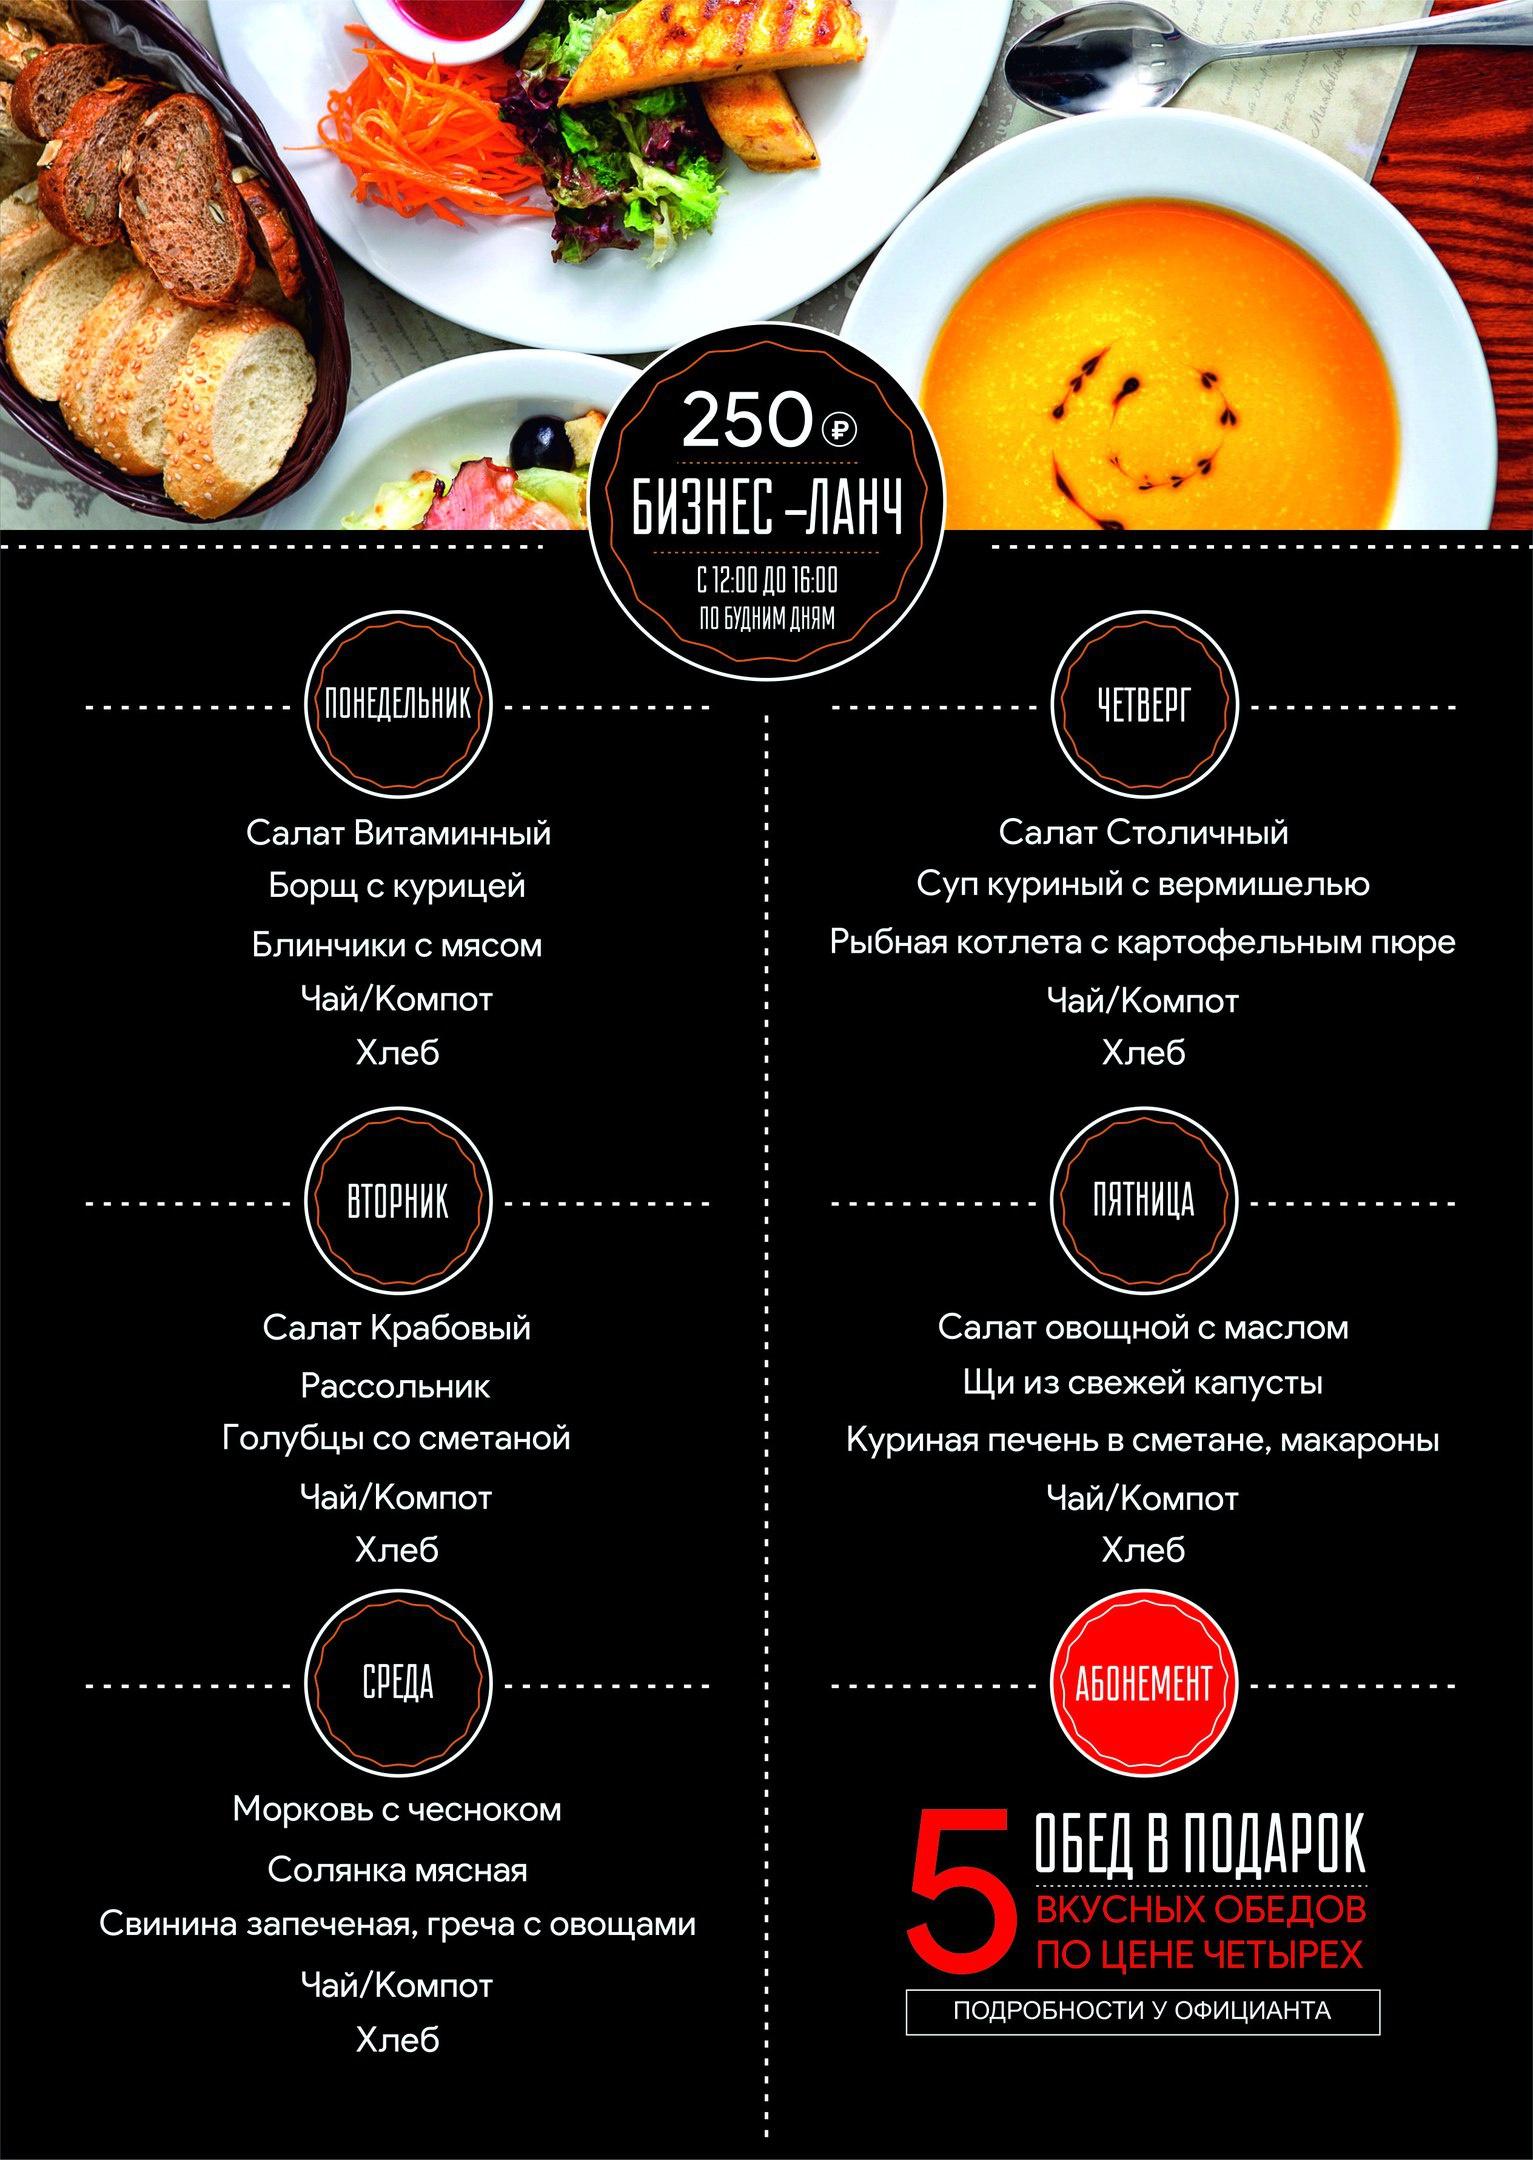 Планирование расходов на питание для экономии бюджета